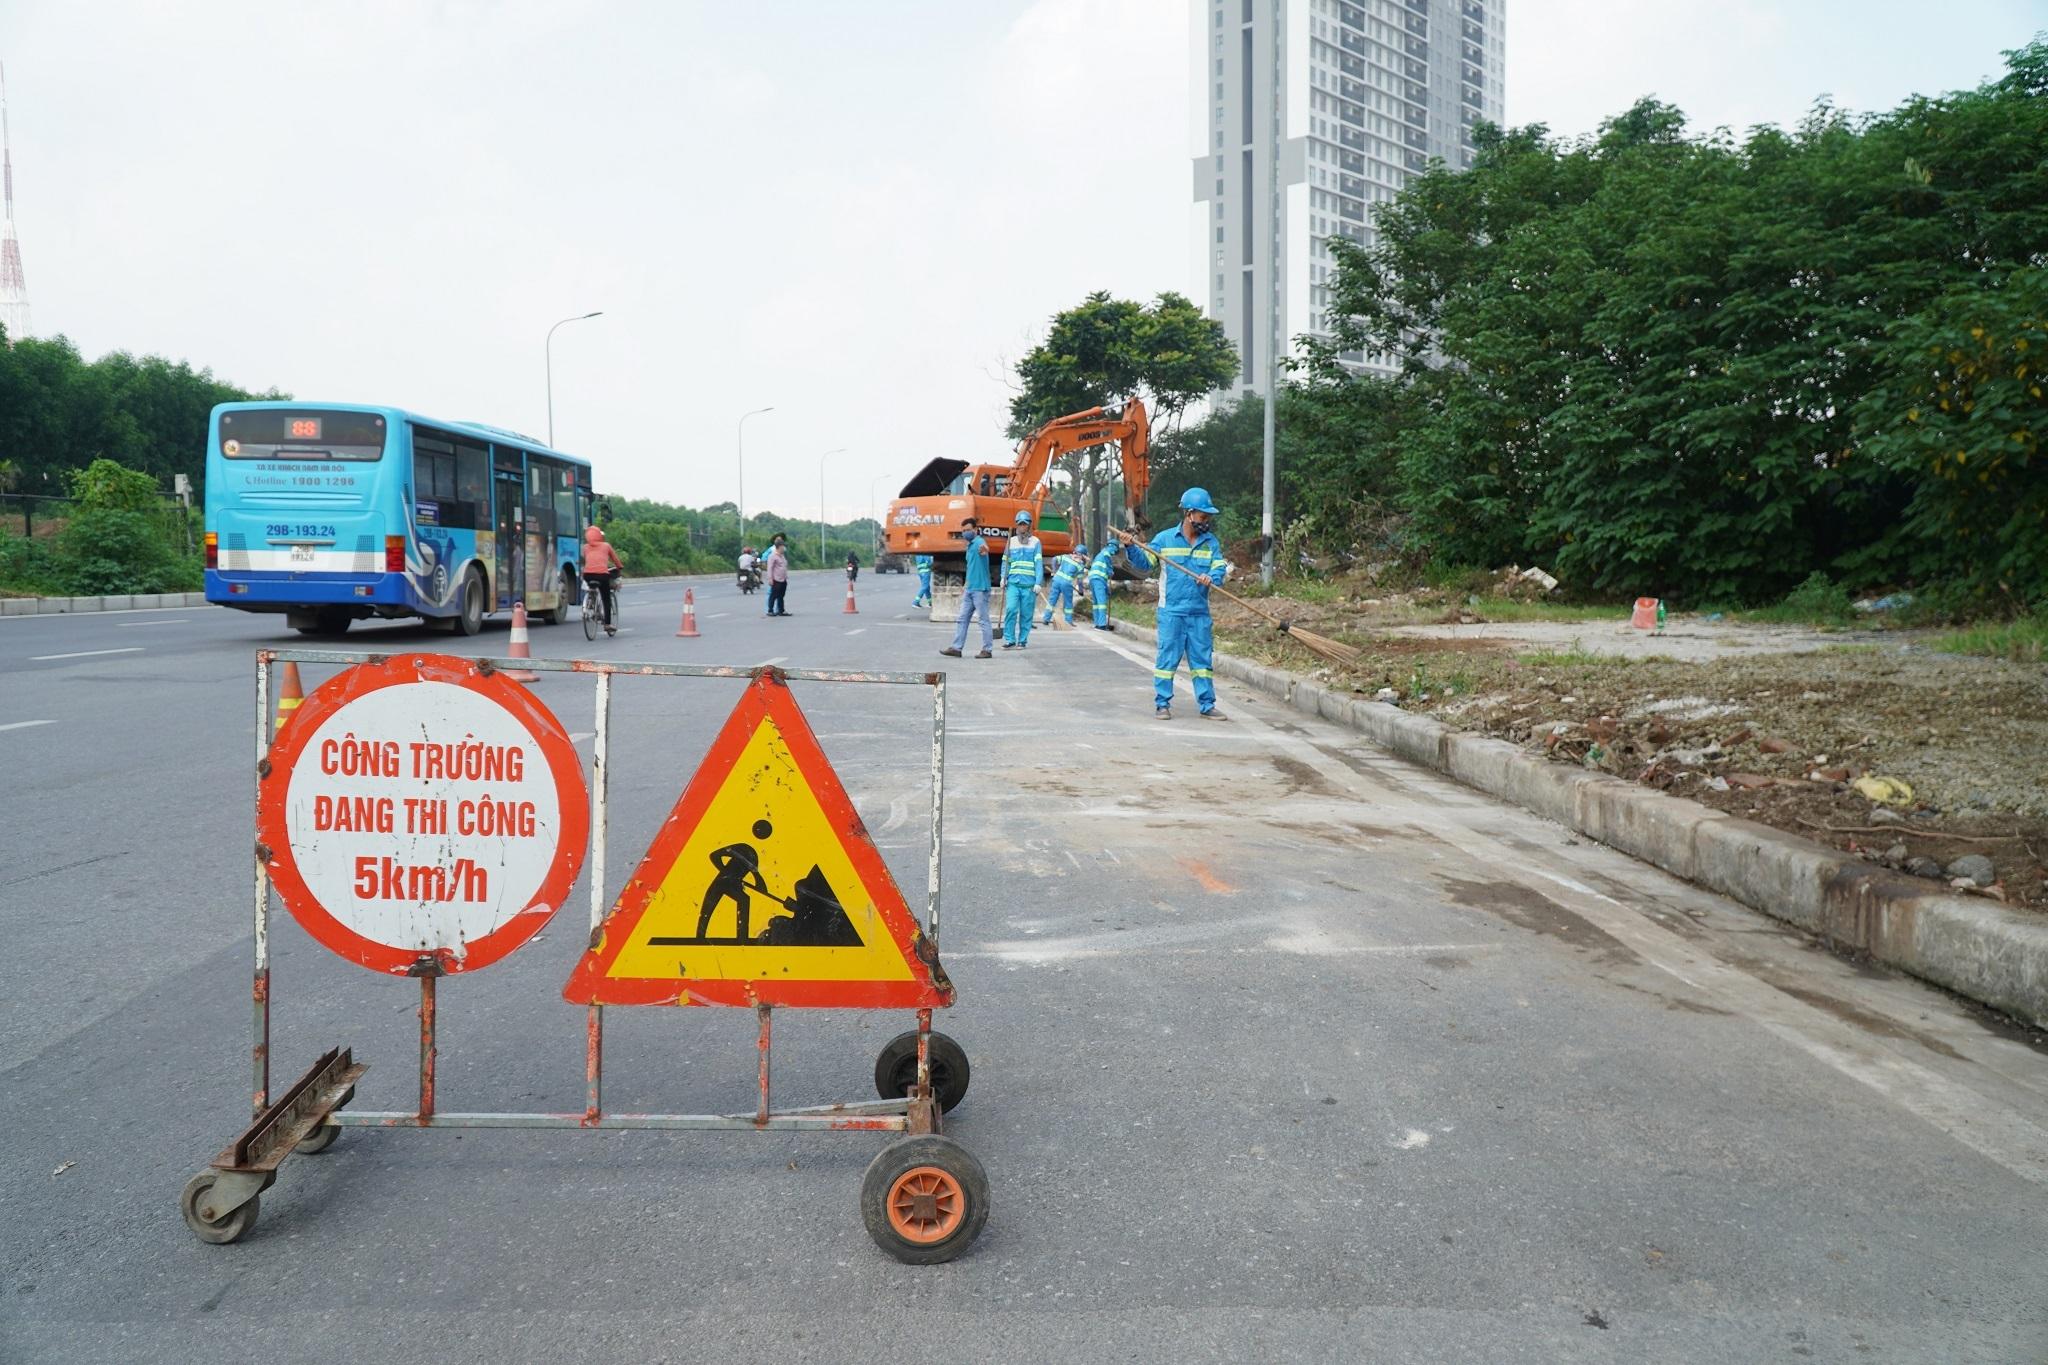 Dọn gần 200 tấn rác thải dọc đại lộ Thăng Long sau phản ánh của báo Dân trí - 11